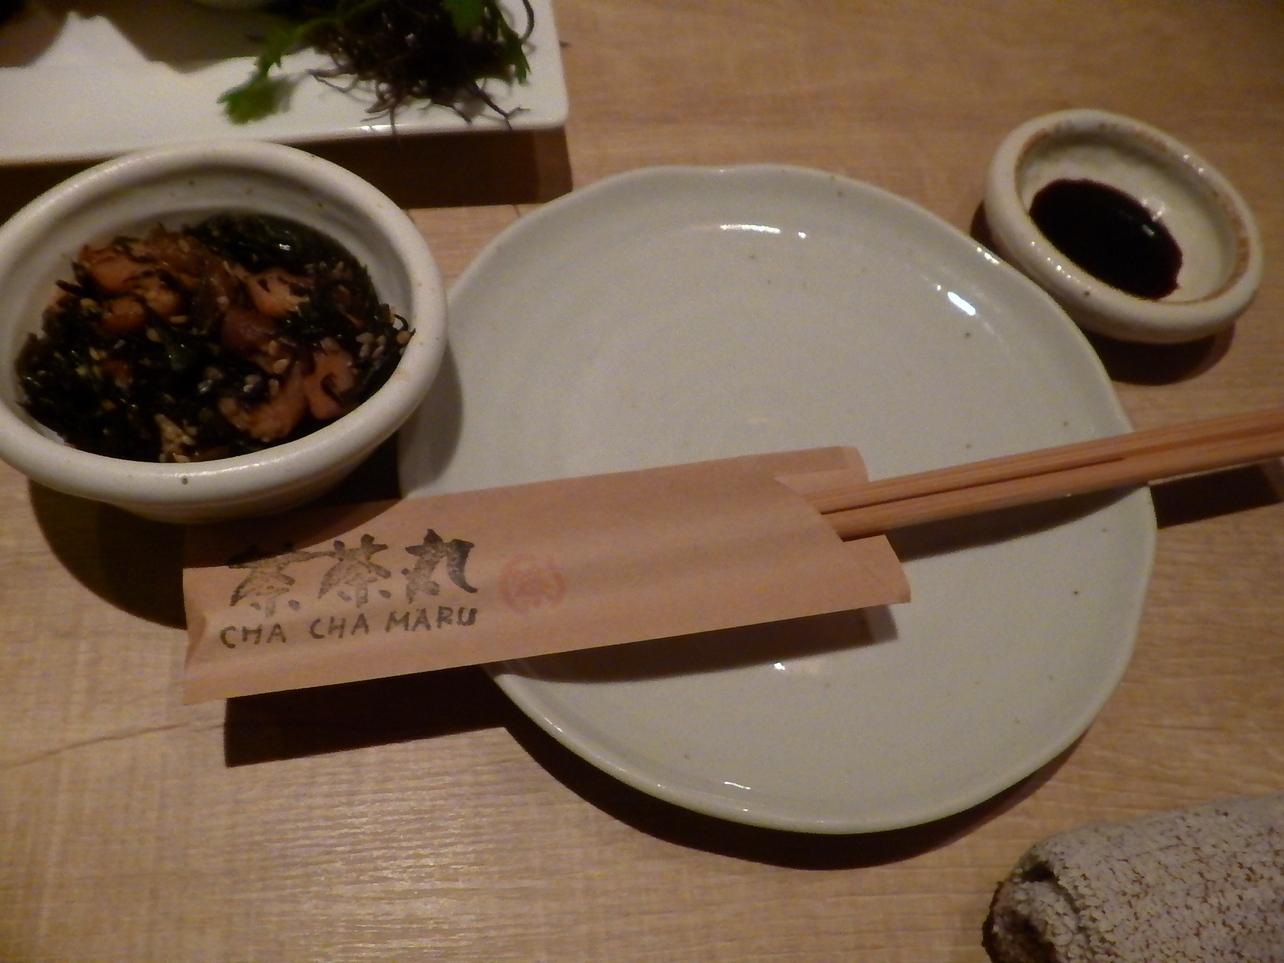 茶茶丸 行橋東店